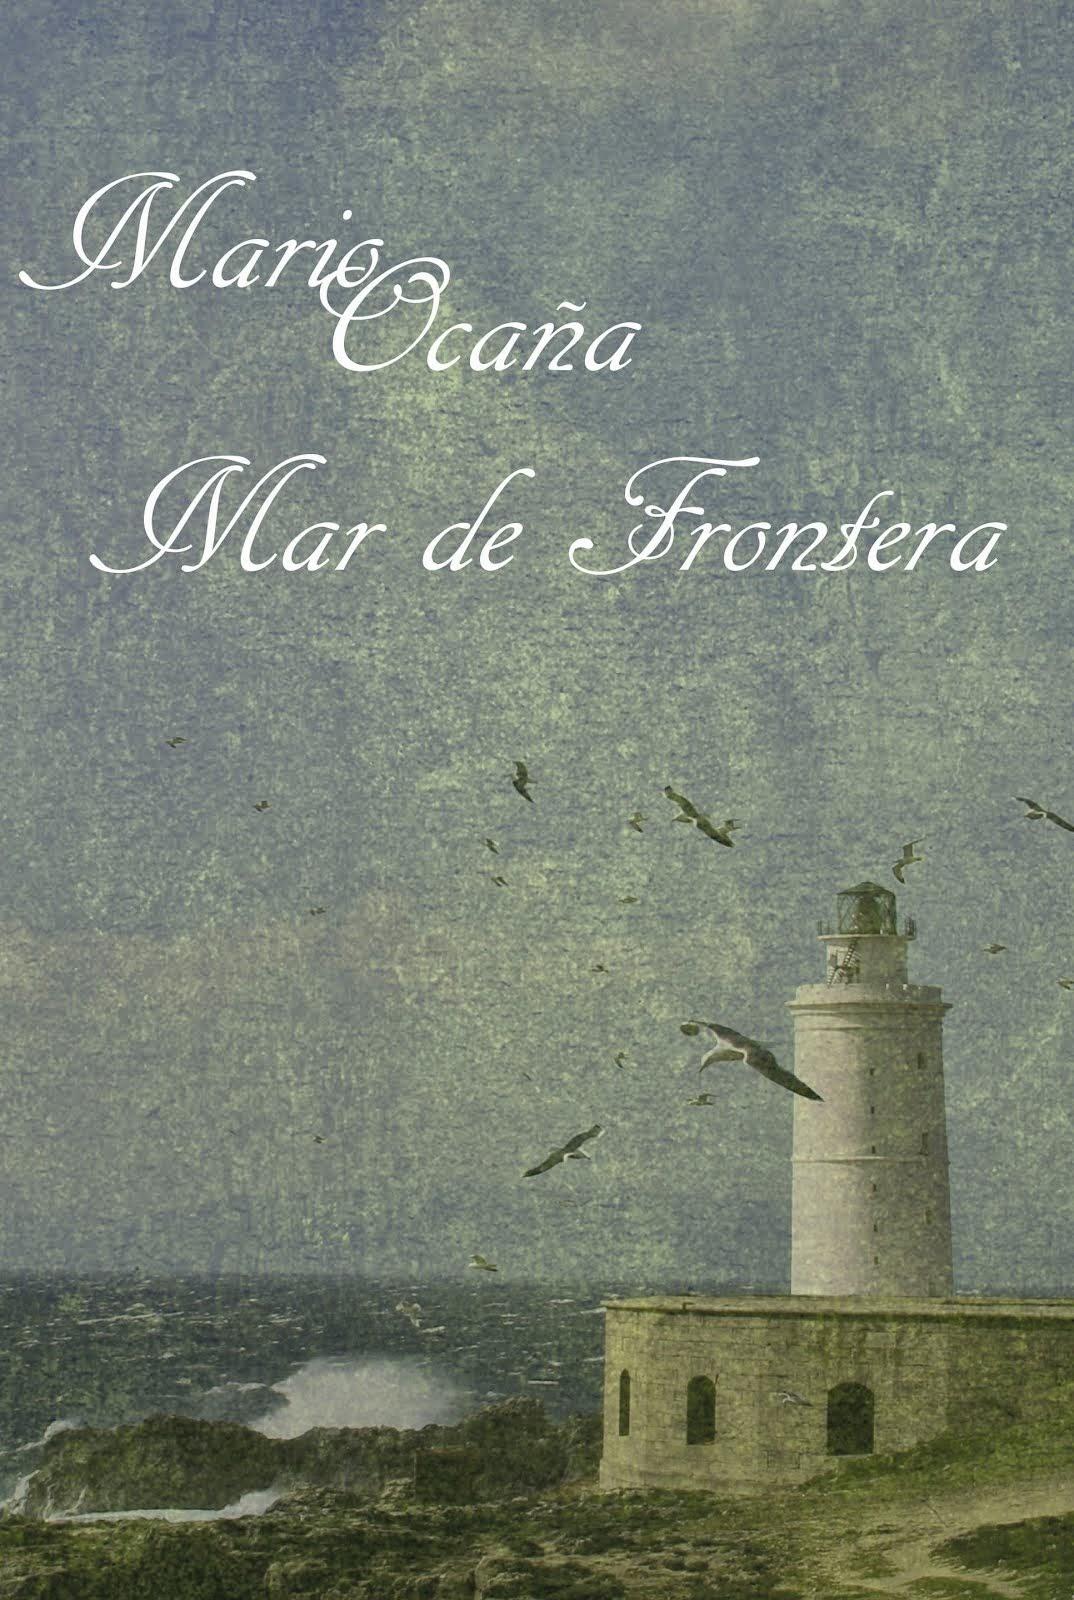 MAR DE FRONTERA